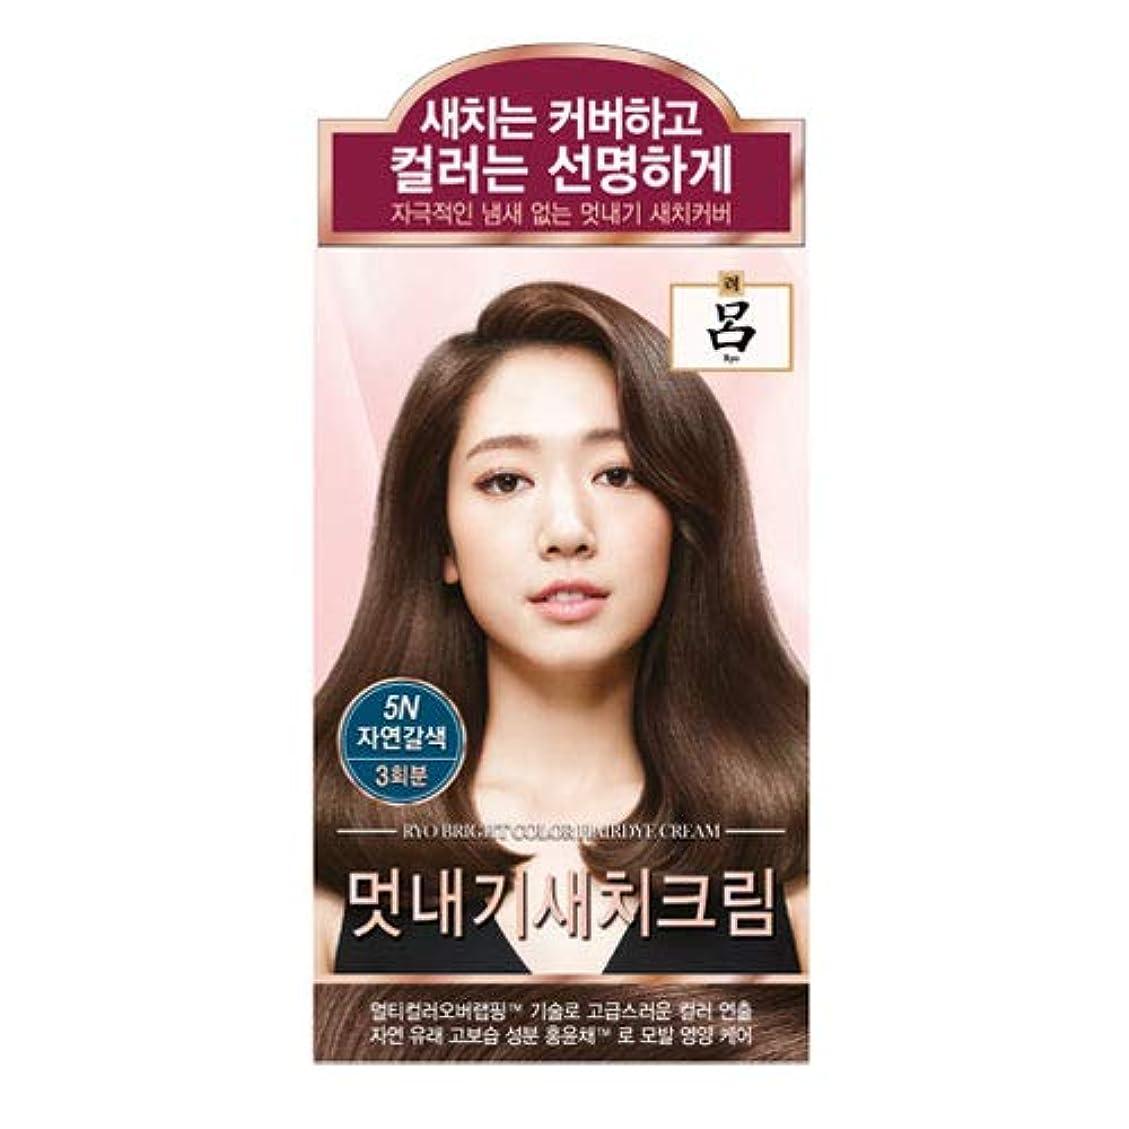 判定推進力わざわざアモーレパシフィック呂[AMOREPACIFIC/Ryo] ブライトカラーヘアアイクリーム 5N ナチュラルブラウン/Bright Color Hairdye Cream 5N Natural Brown